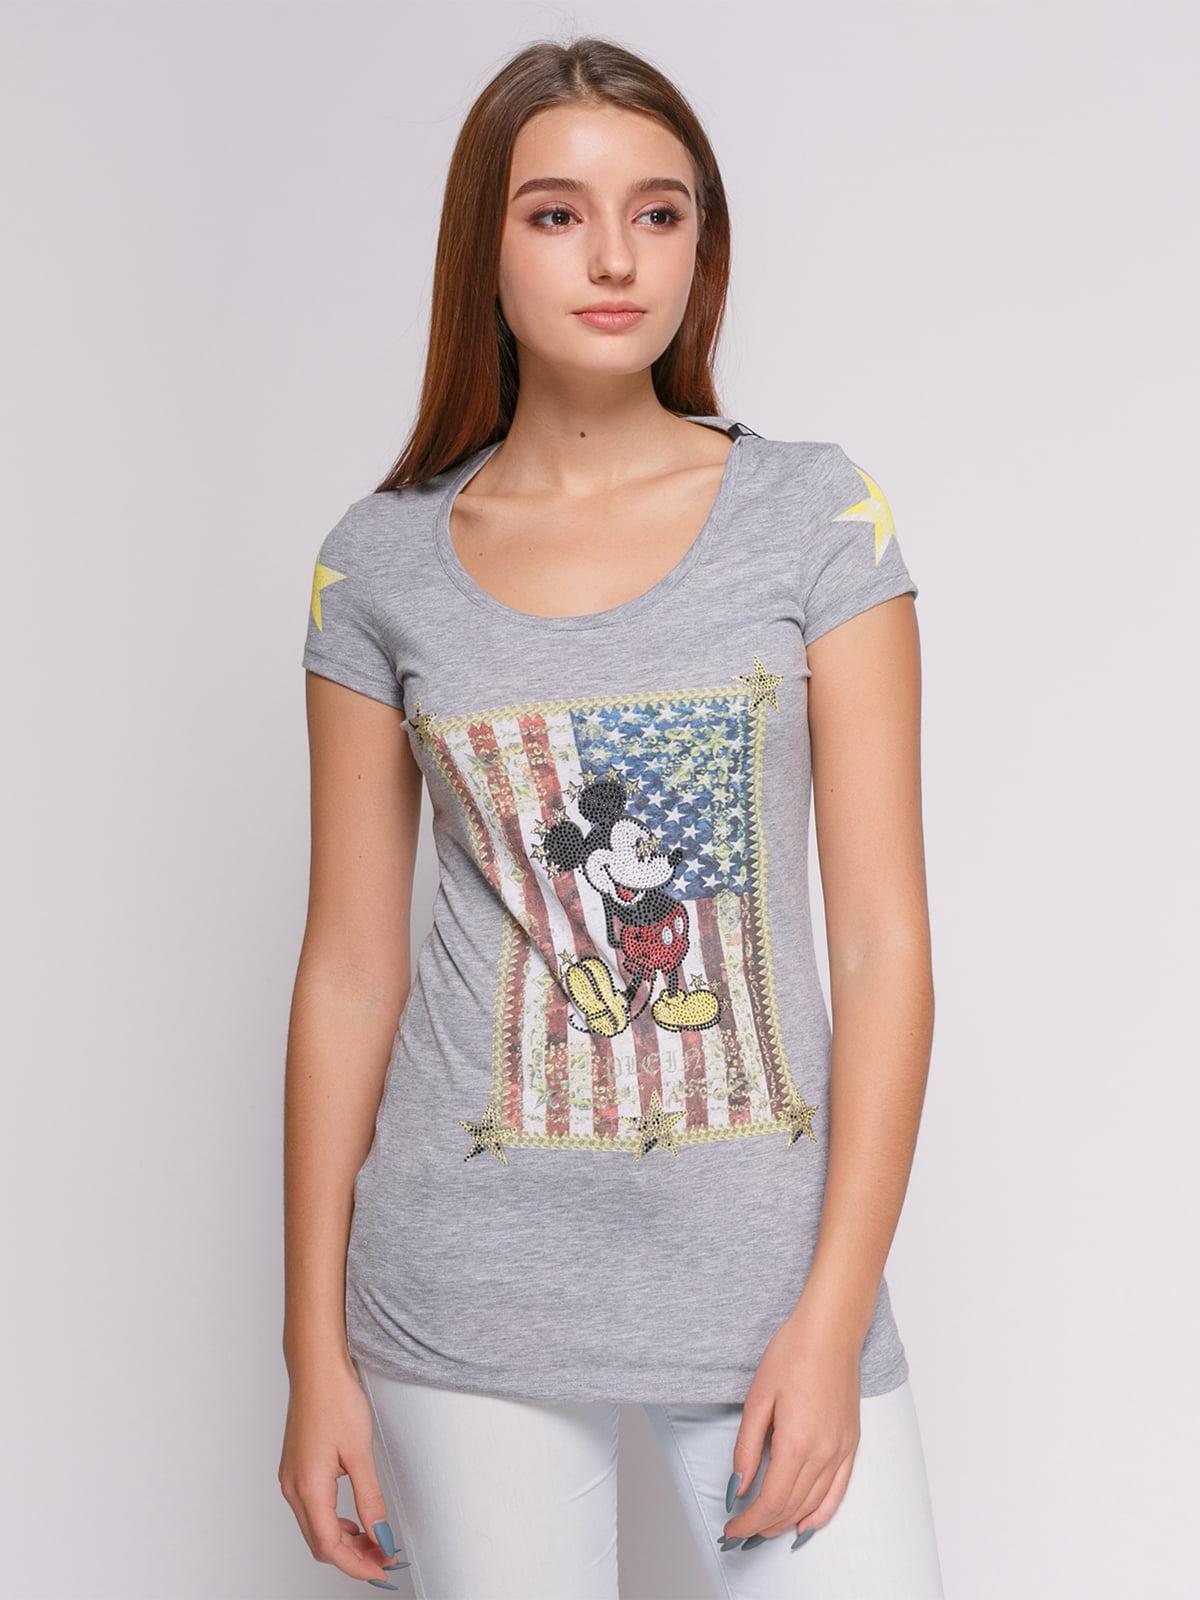 Футболка светло-серая с американской символикой и изображением Микки Мауса | 434164